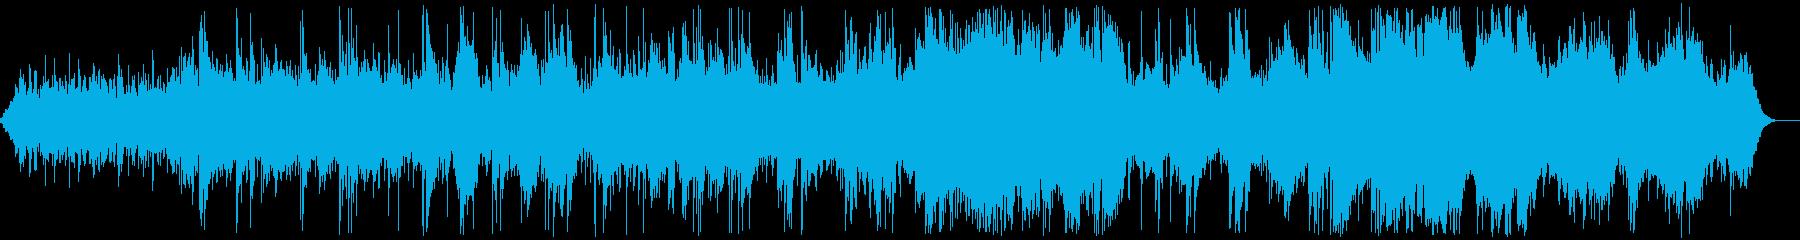 シンセパッドとガットギターのアンビエントの再生済みの波形